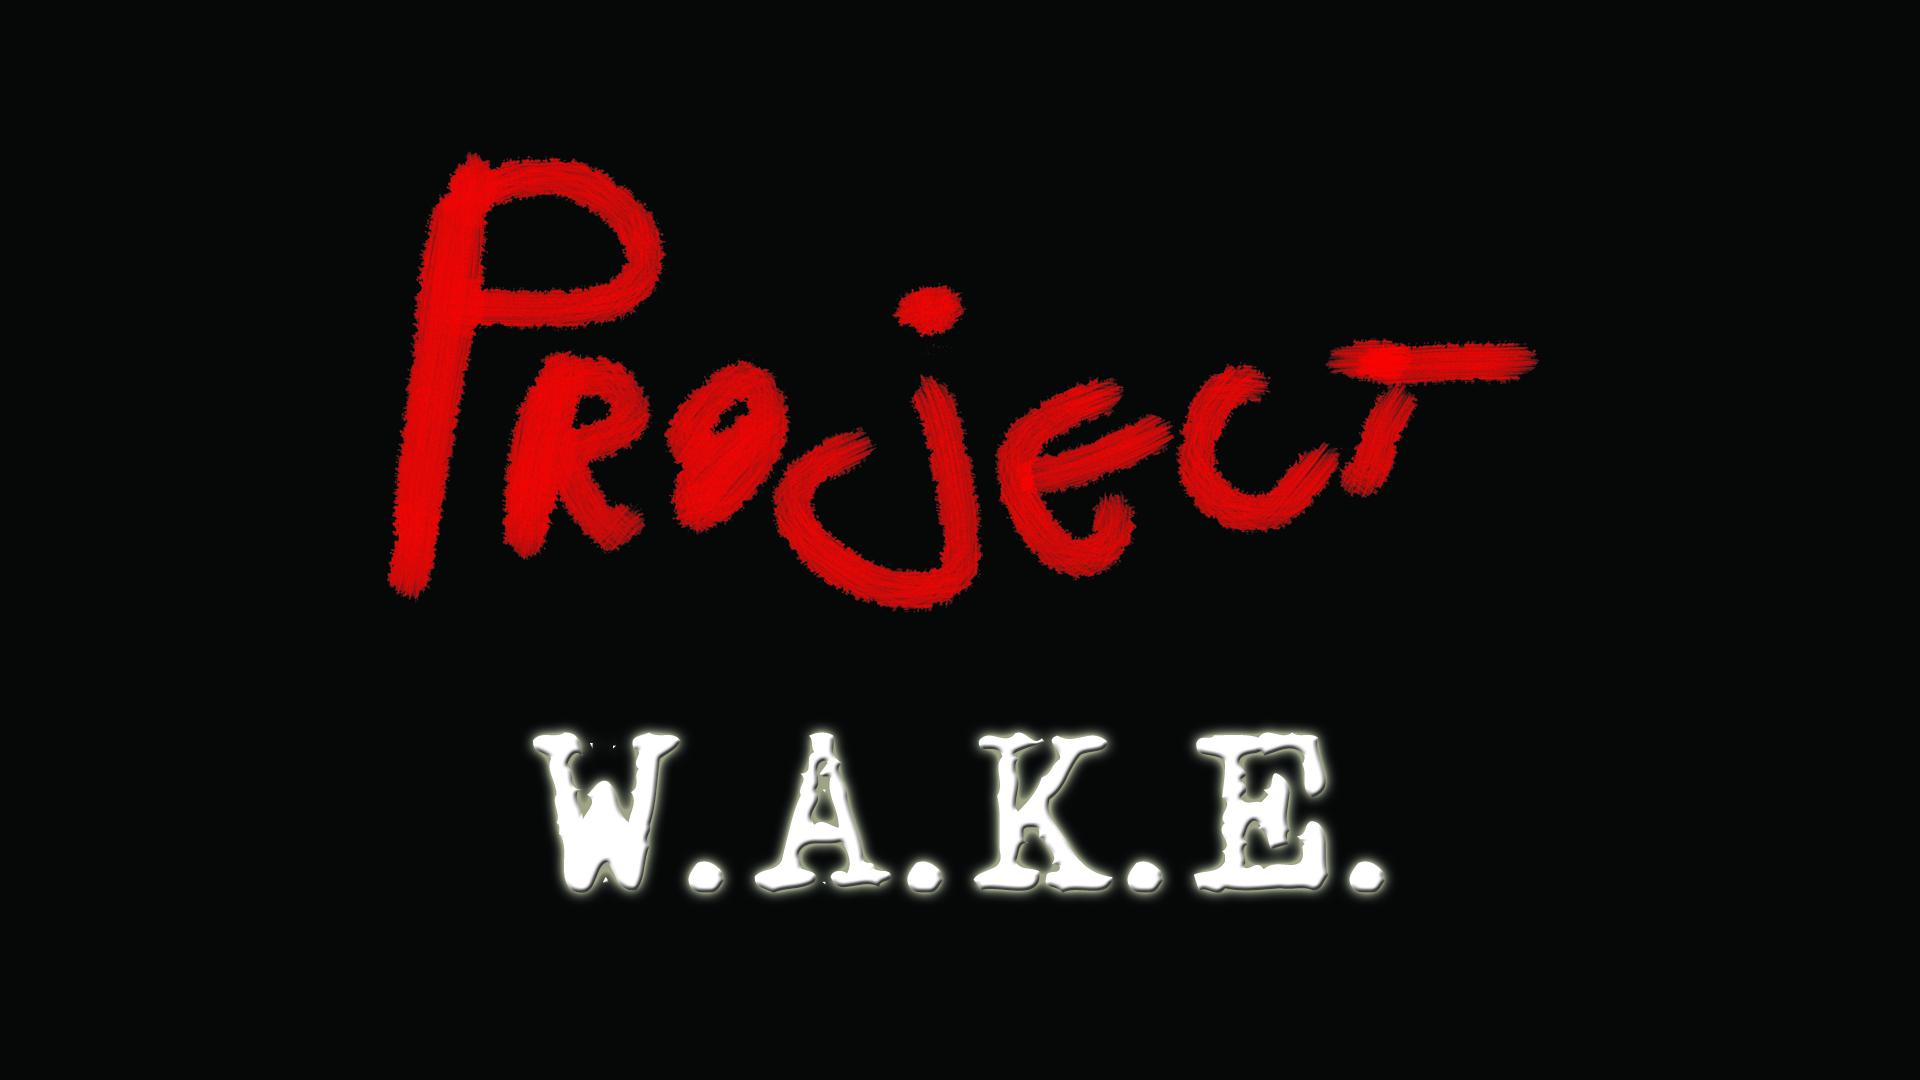 Project W.A.K.E.